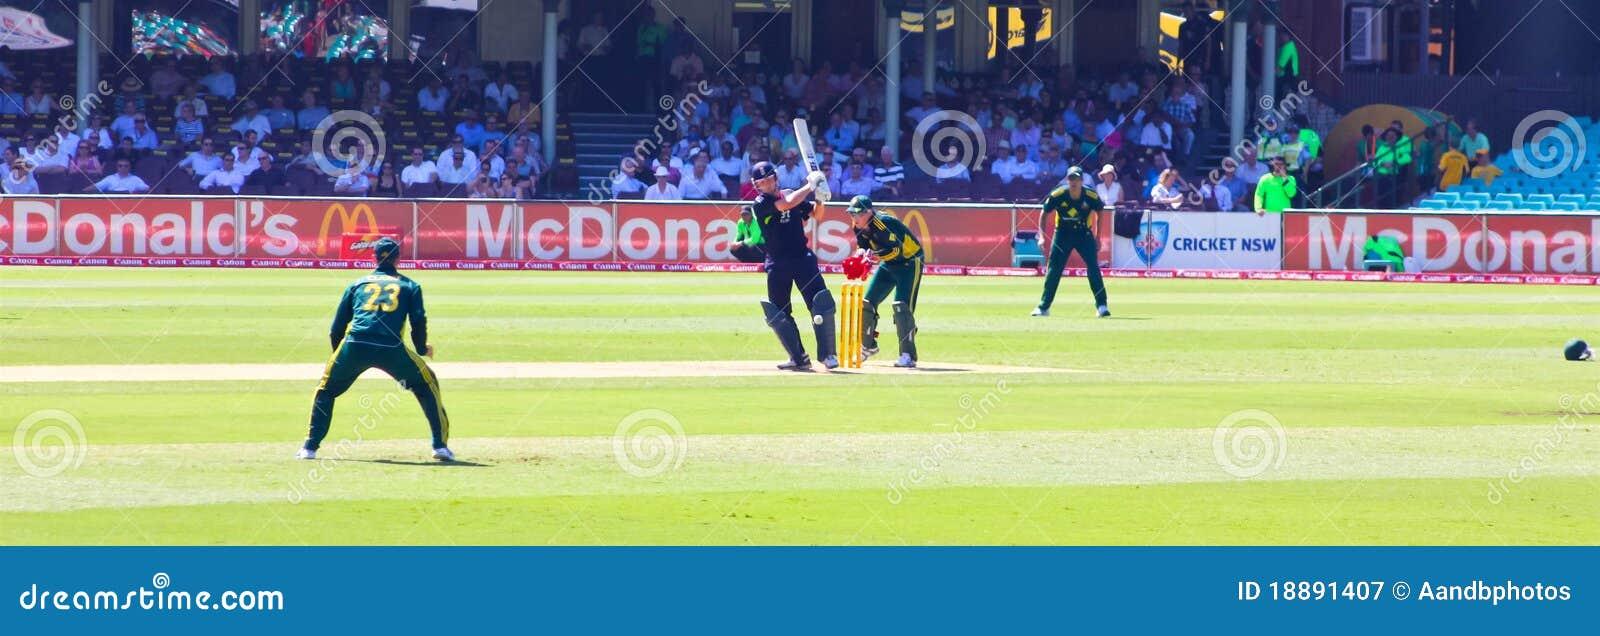 Une correspondance internationale de cricket de jour entre Austra